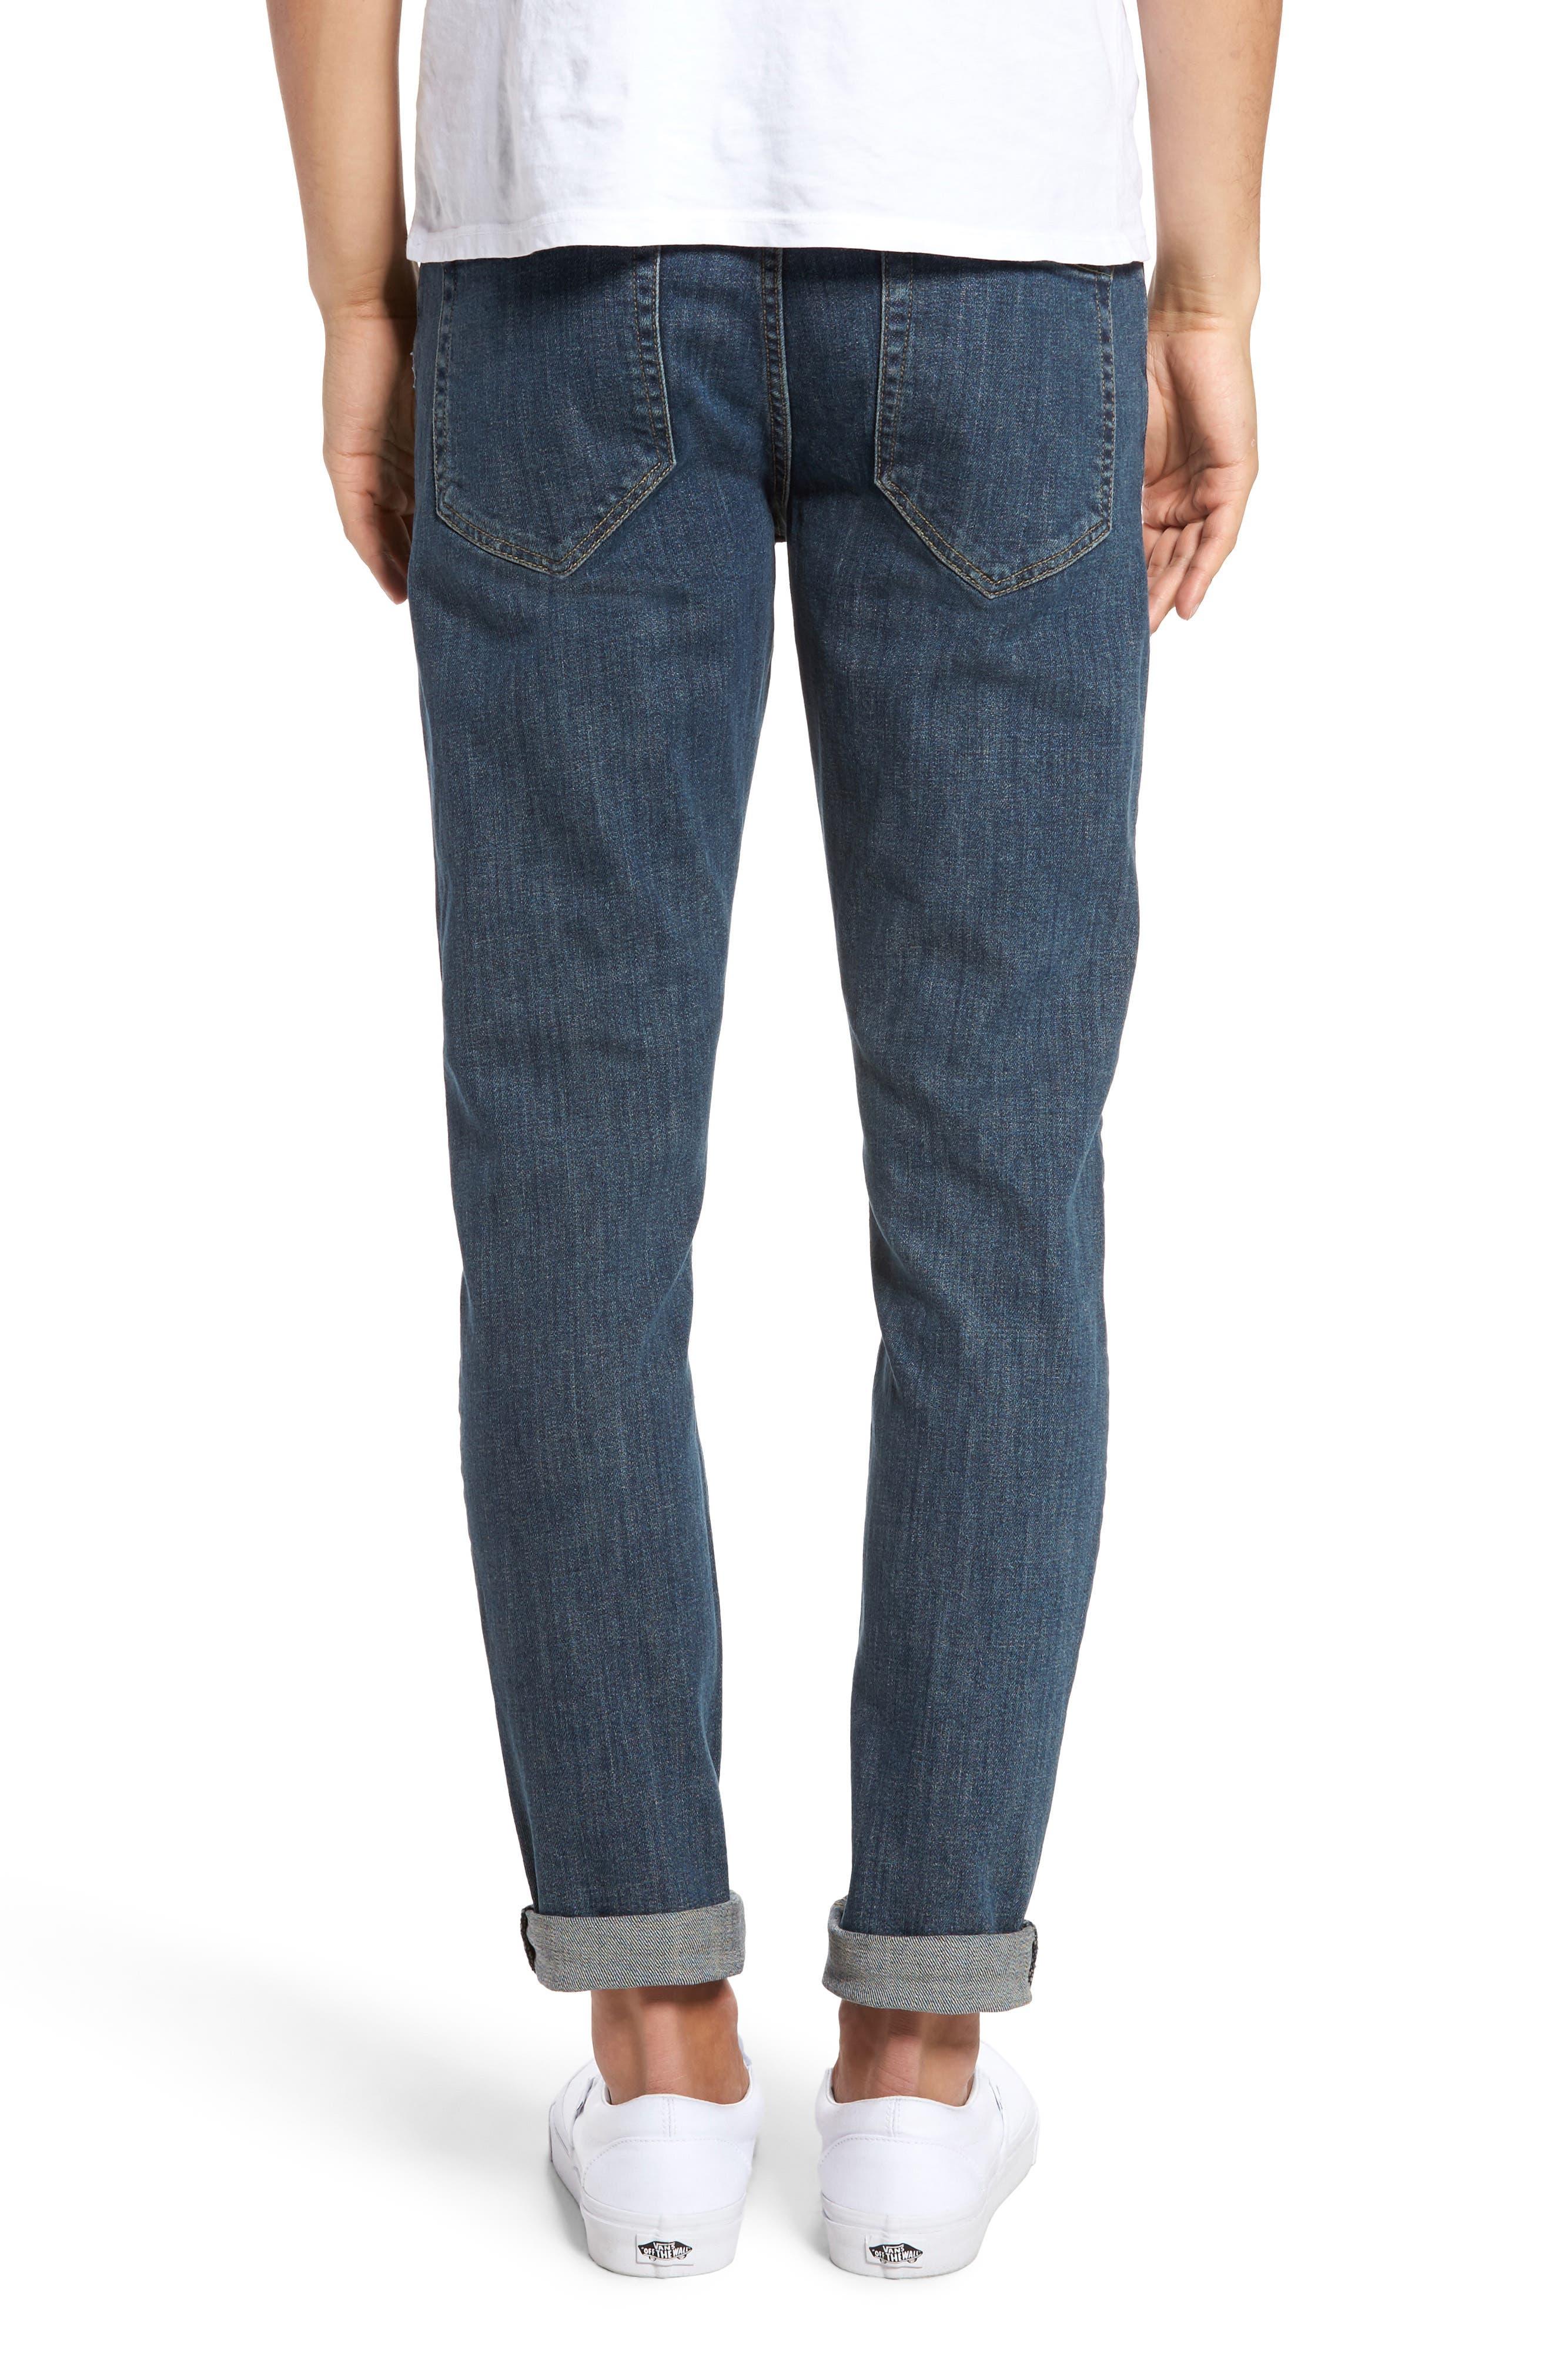 Alternate Image 2  - Dr. Denim Supply Co. Clark Slim Straight Leg Jeans (90s Mid Blue)